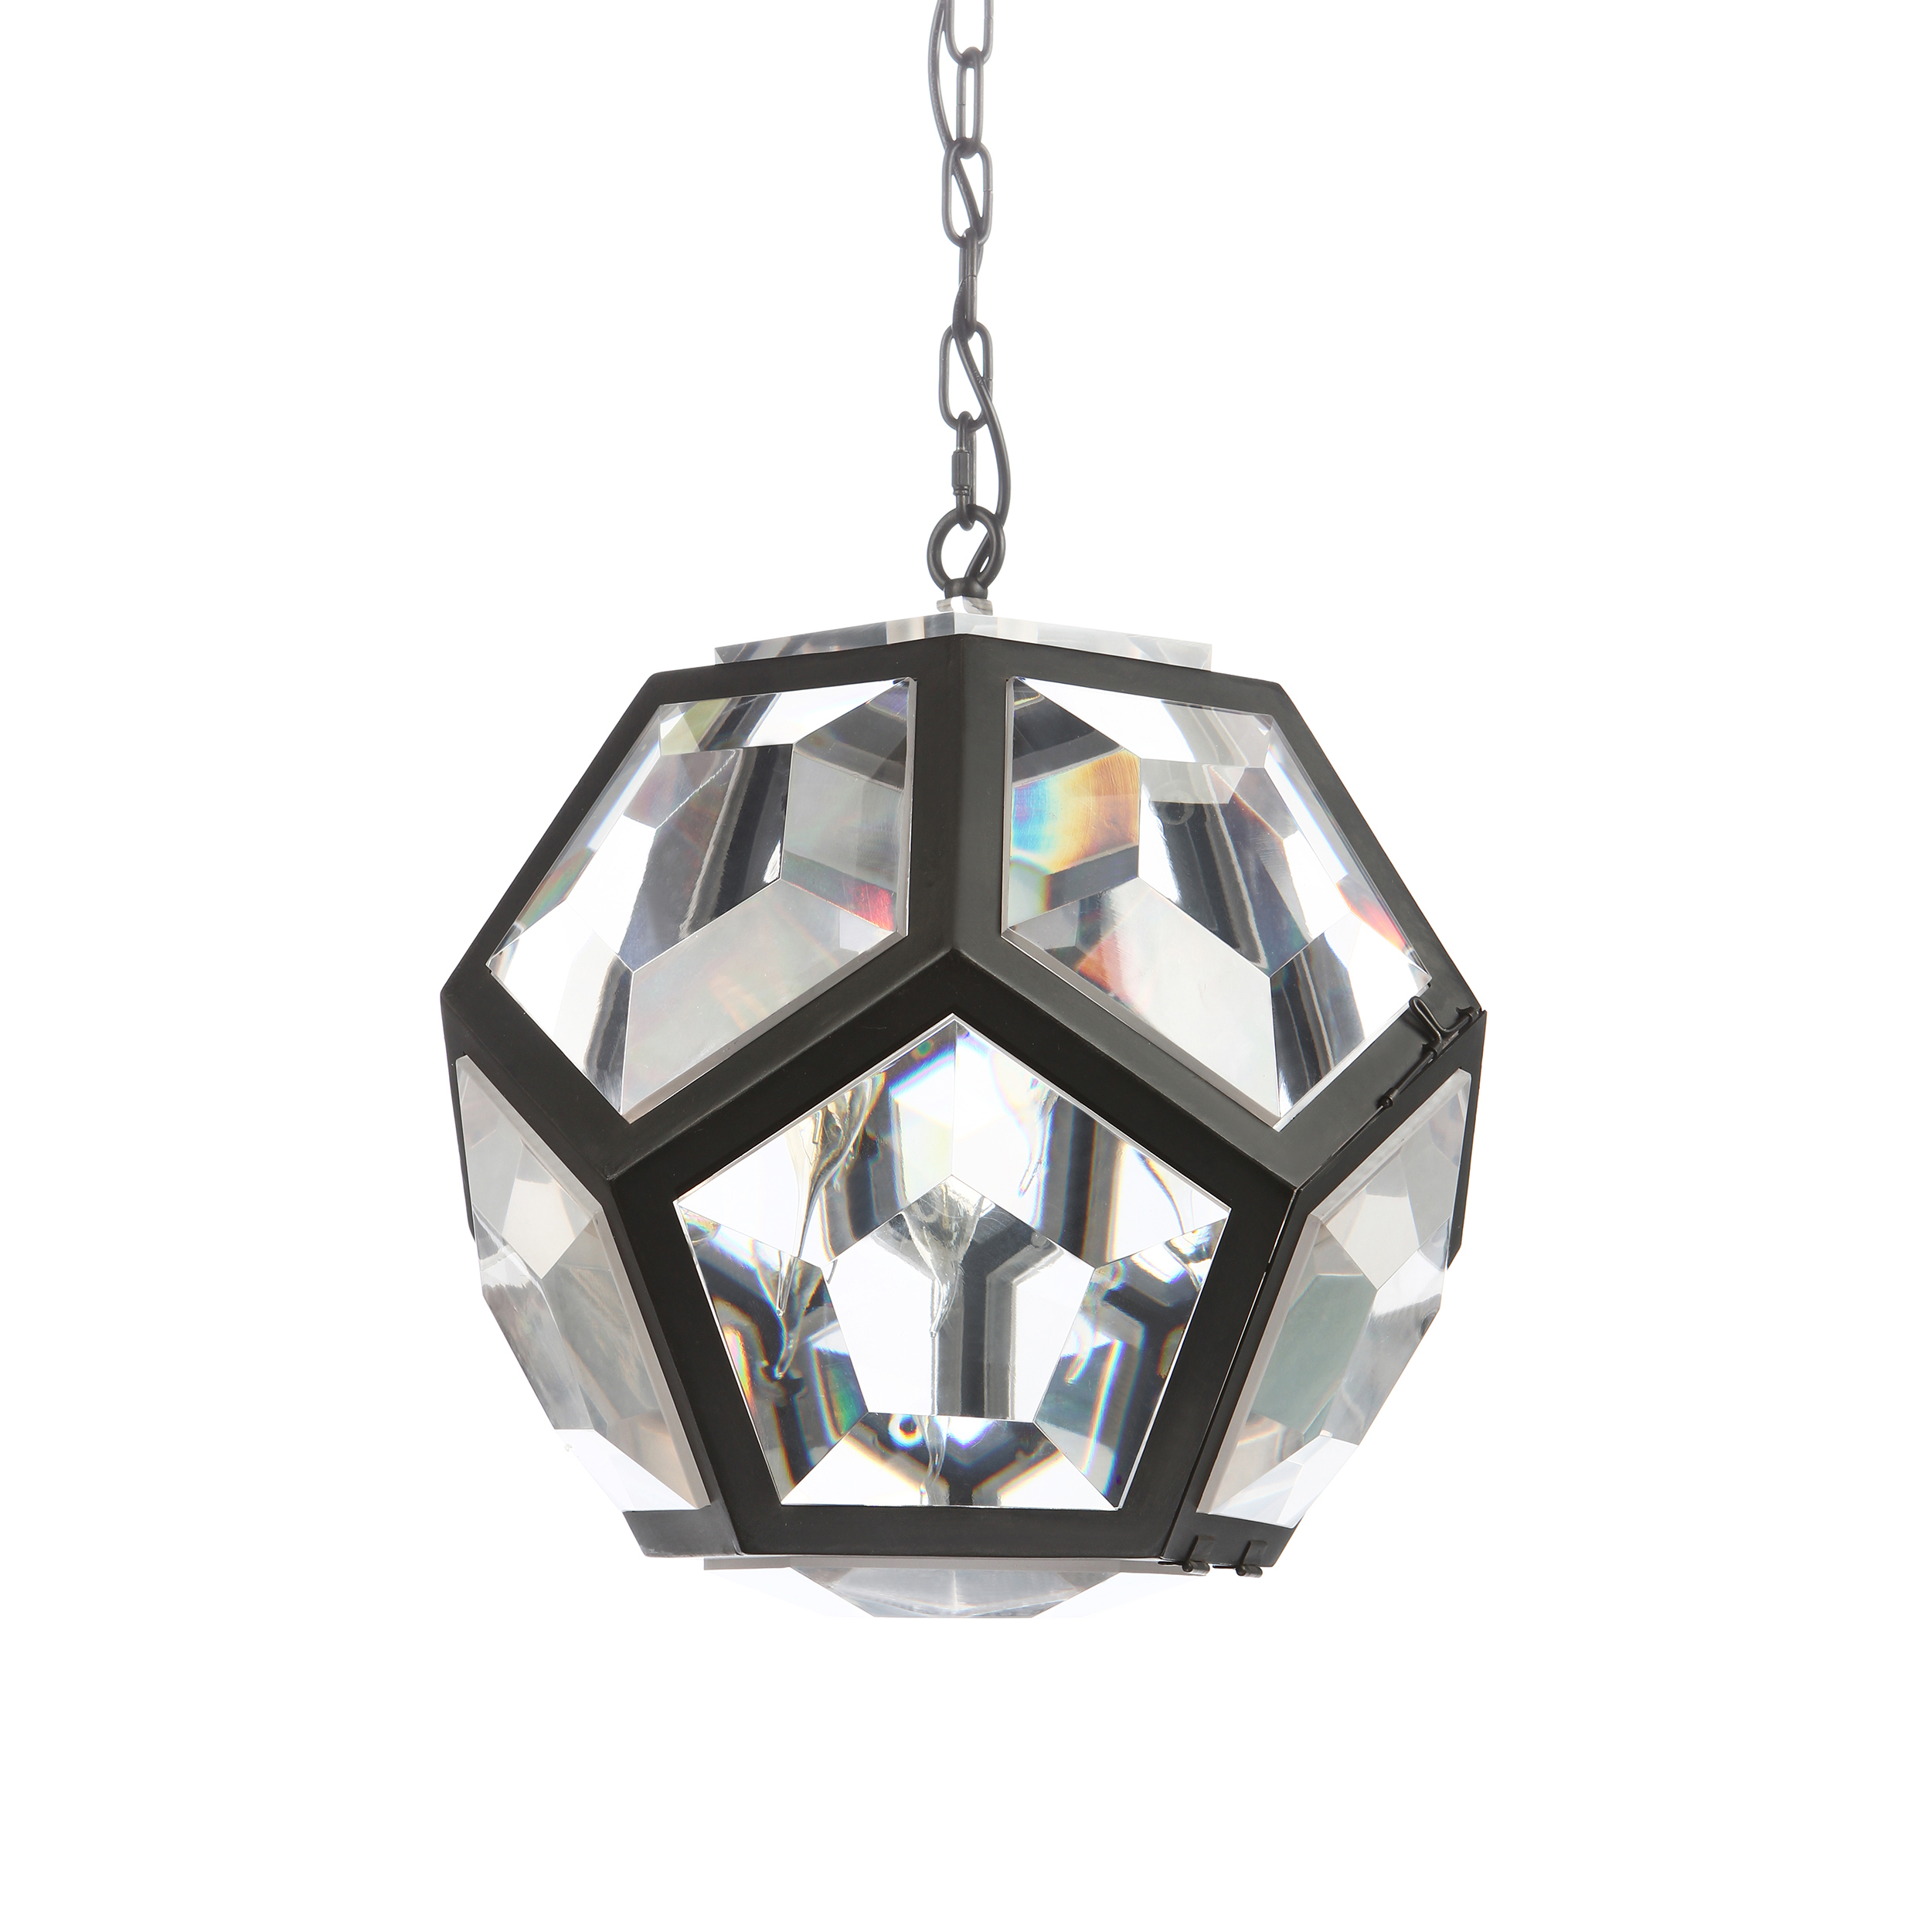 Подвесной светильник RollПодвесные<br>Порой совершенно не нужно изобретать колесо. Когда интерьер выглядит утонченно и без новомодных украшений, любые новаторства излишни. Подвесной светильник Roll — это простой, но вместе с тем роскошный источник света, который будет не просто светить, но сиять. Правильная геометрическая форма светильника открывает целый спектр возможностей. Его можно использовать в любом интерьере, как классическом, так и современном. Индустриальный стиль, модерн, лофт — вот несколько примеров направлений, где ...<br><br>stock: 7<br>Высота: 50<br>Диаметр: 50<br>Количество ламп: 5<br>Материал абажура: Пластик<br>Материал арматуры: Металл<br>Мощность лампы: 40<br>Ламп в комплекте: Нет<br>Напряжение: 220-240<br>Тип лампы/цоколь: E14<br>Цвет абажура: Прозрачный<br>Цвет арматуры: Черный<br>Цвет провода: Черный